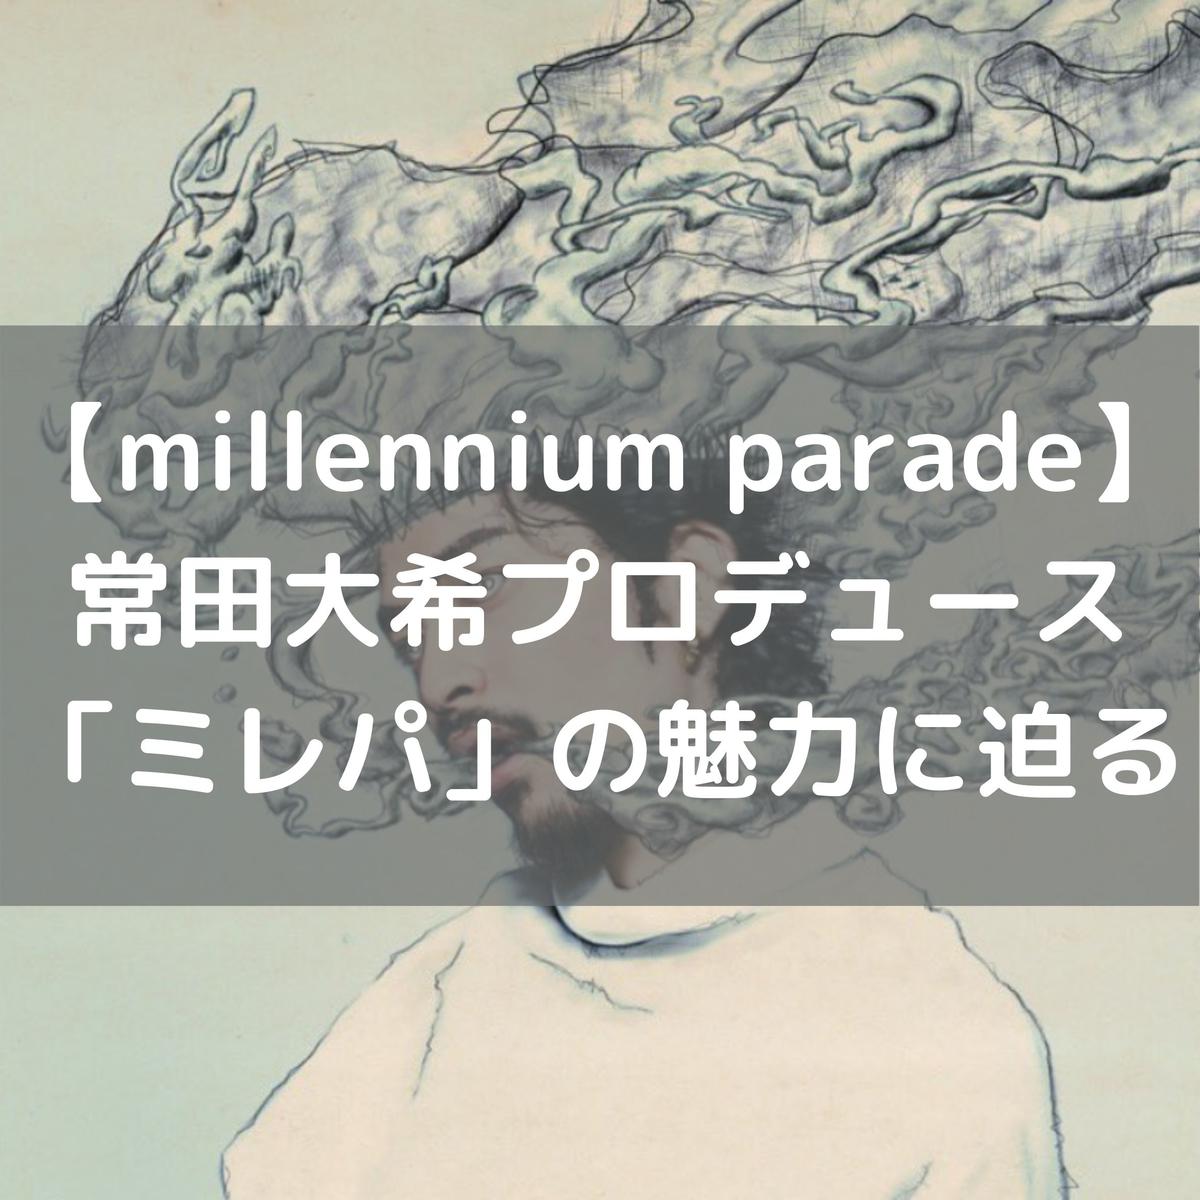 ミレニアムパレード